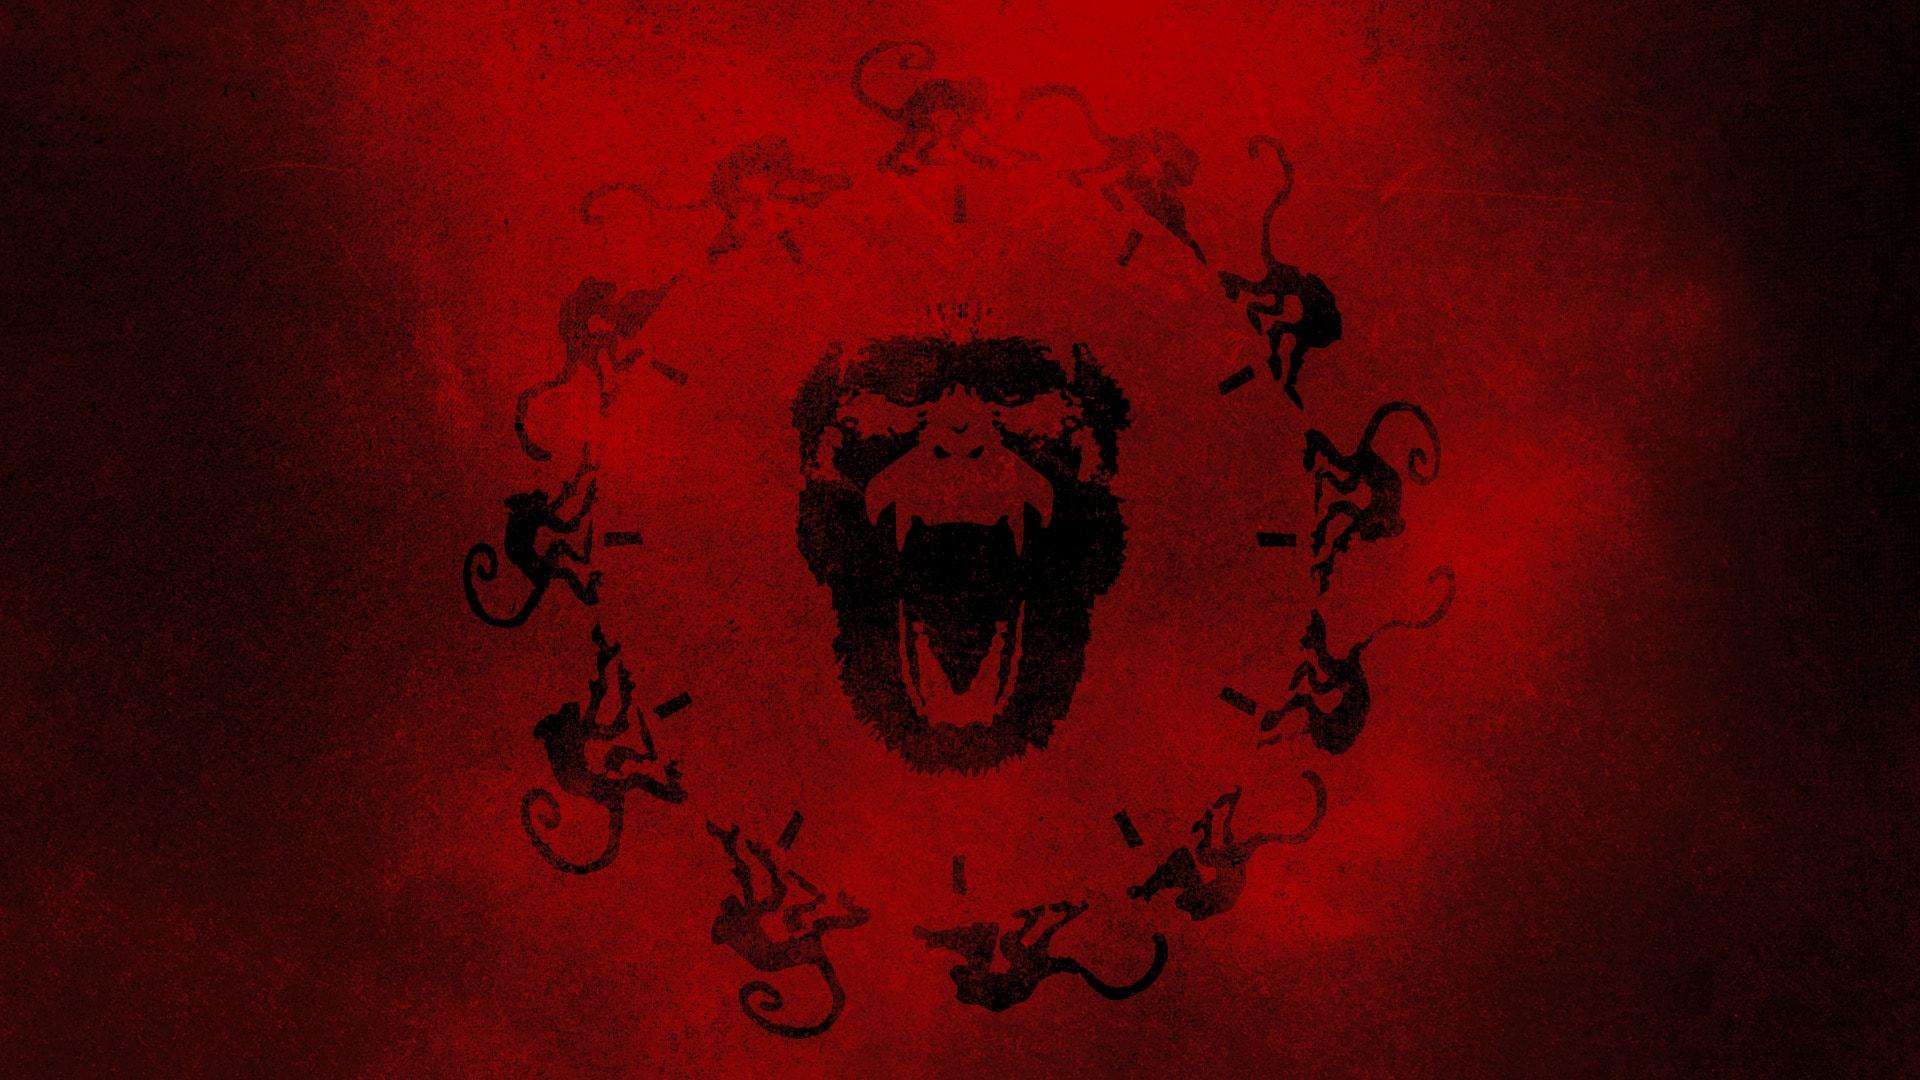 12 Monkeys Wallpapers